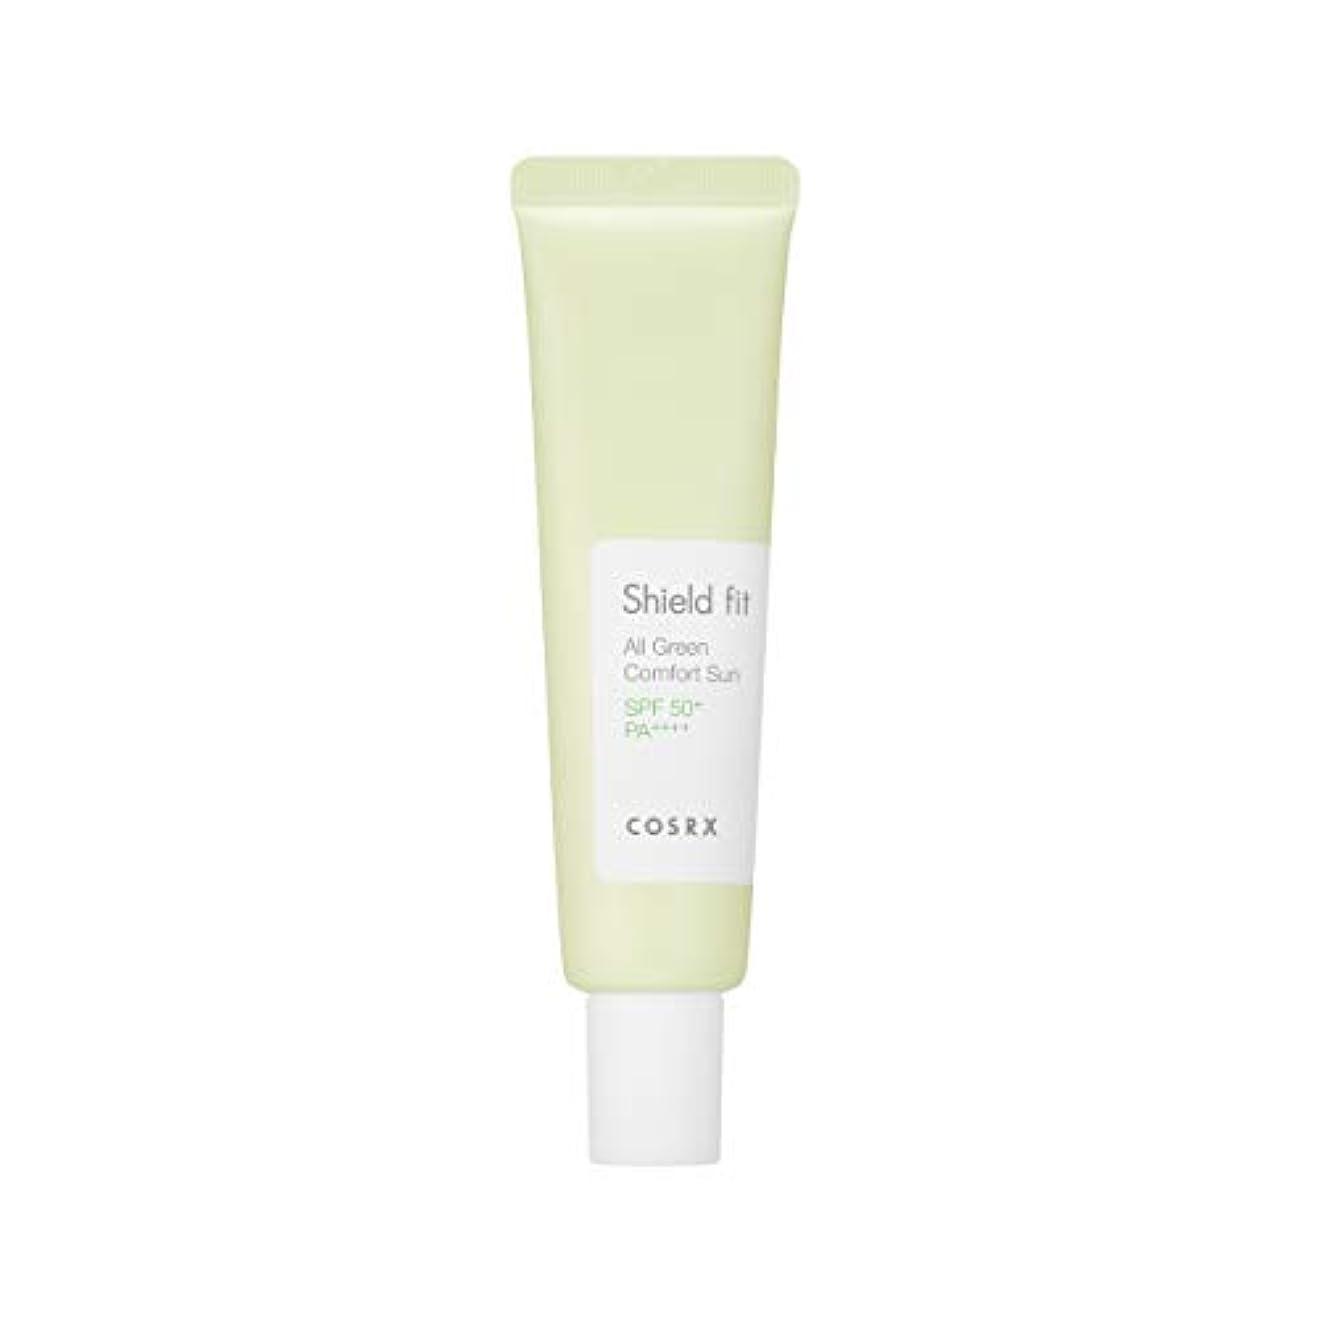 インターネット膜おかしいCOSRX シールド フィット オール グリーン コンフォート サン(無機系)/Shield fit All Green Comfort Sun (35ml) [並行輸入品]